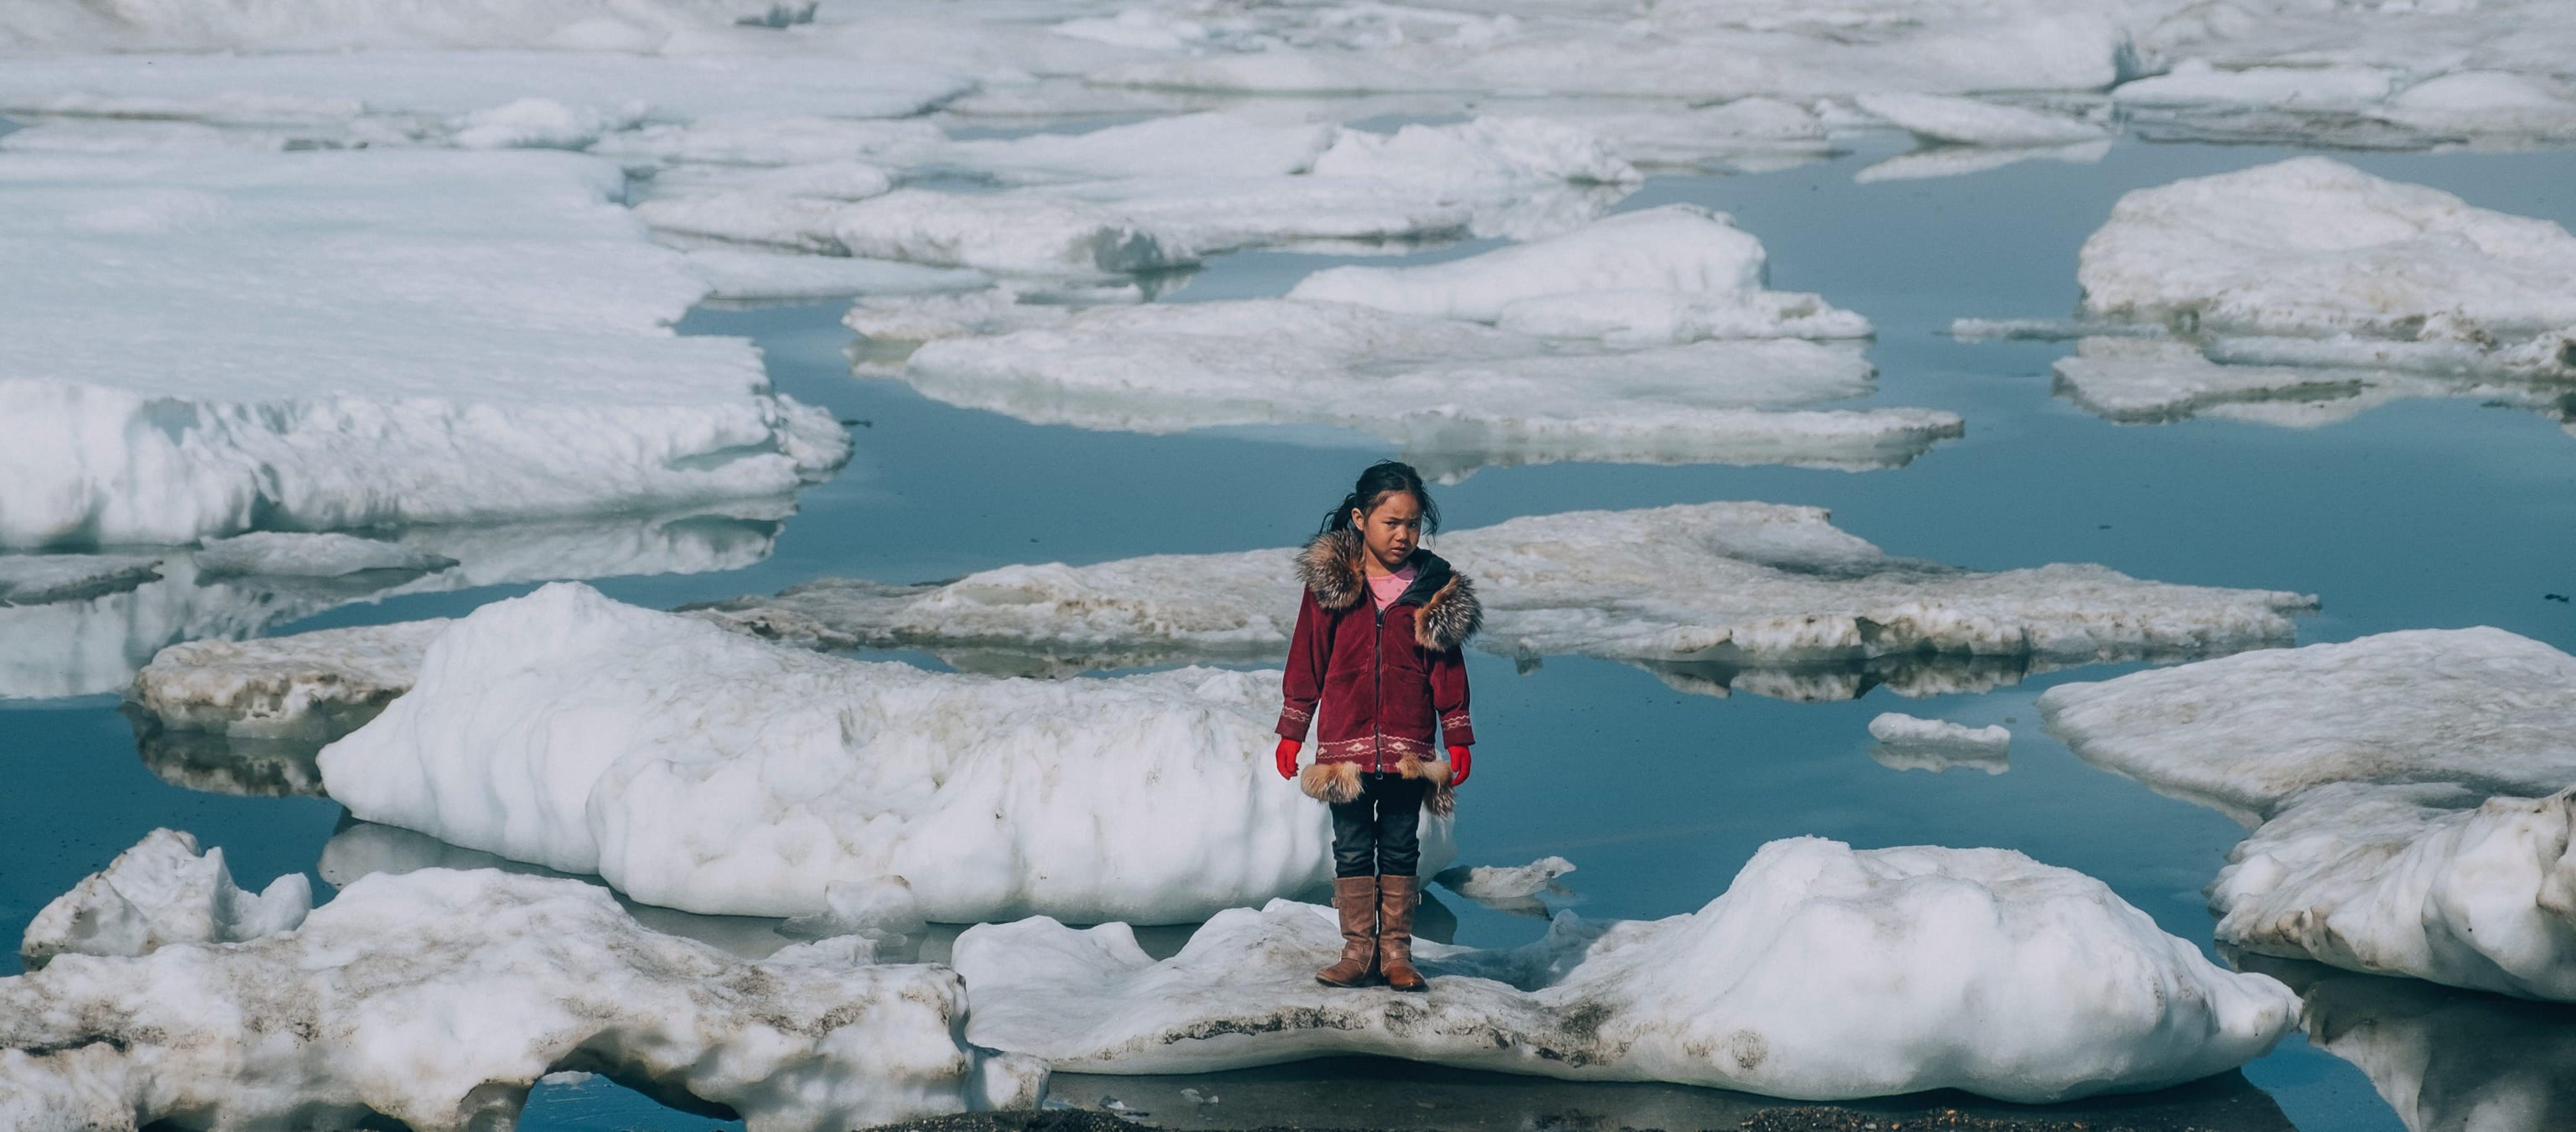 Il surriscaldamento globale mette a rischio le case di molti bambini.